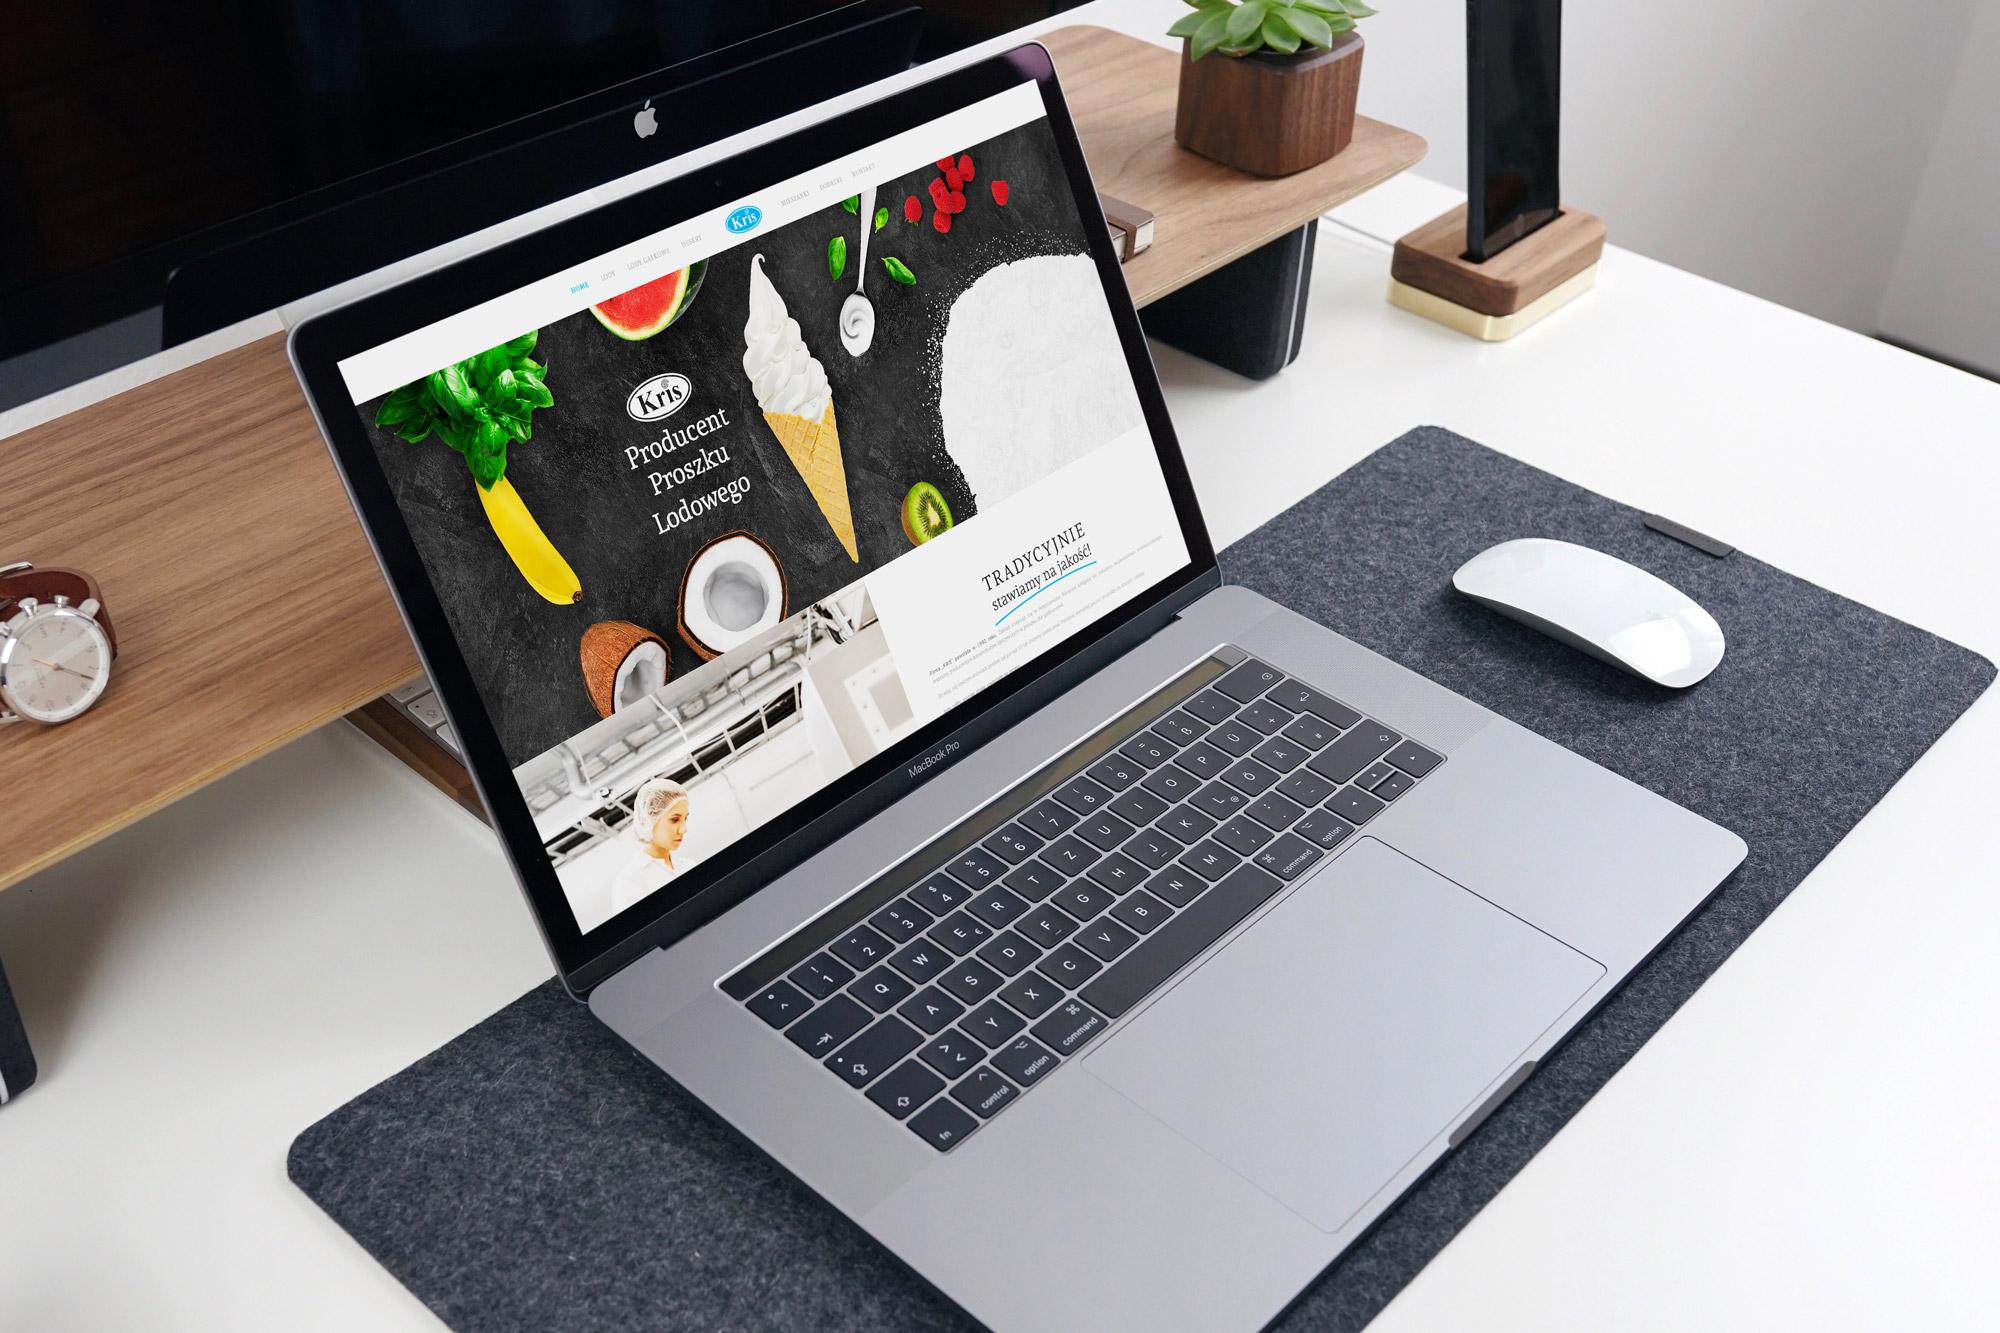 projektowanie stron internetowych ostrzeszów, projekt strony www kris-lody.pl